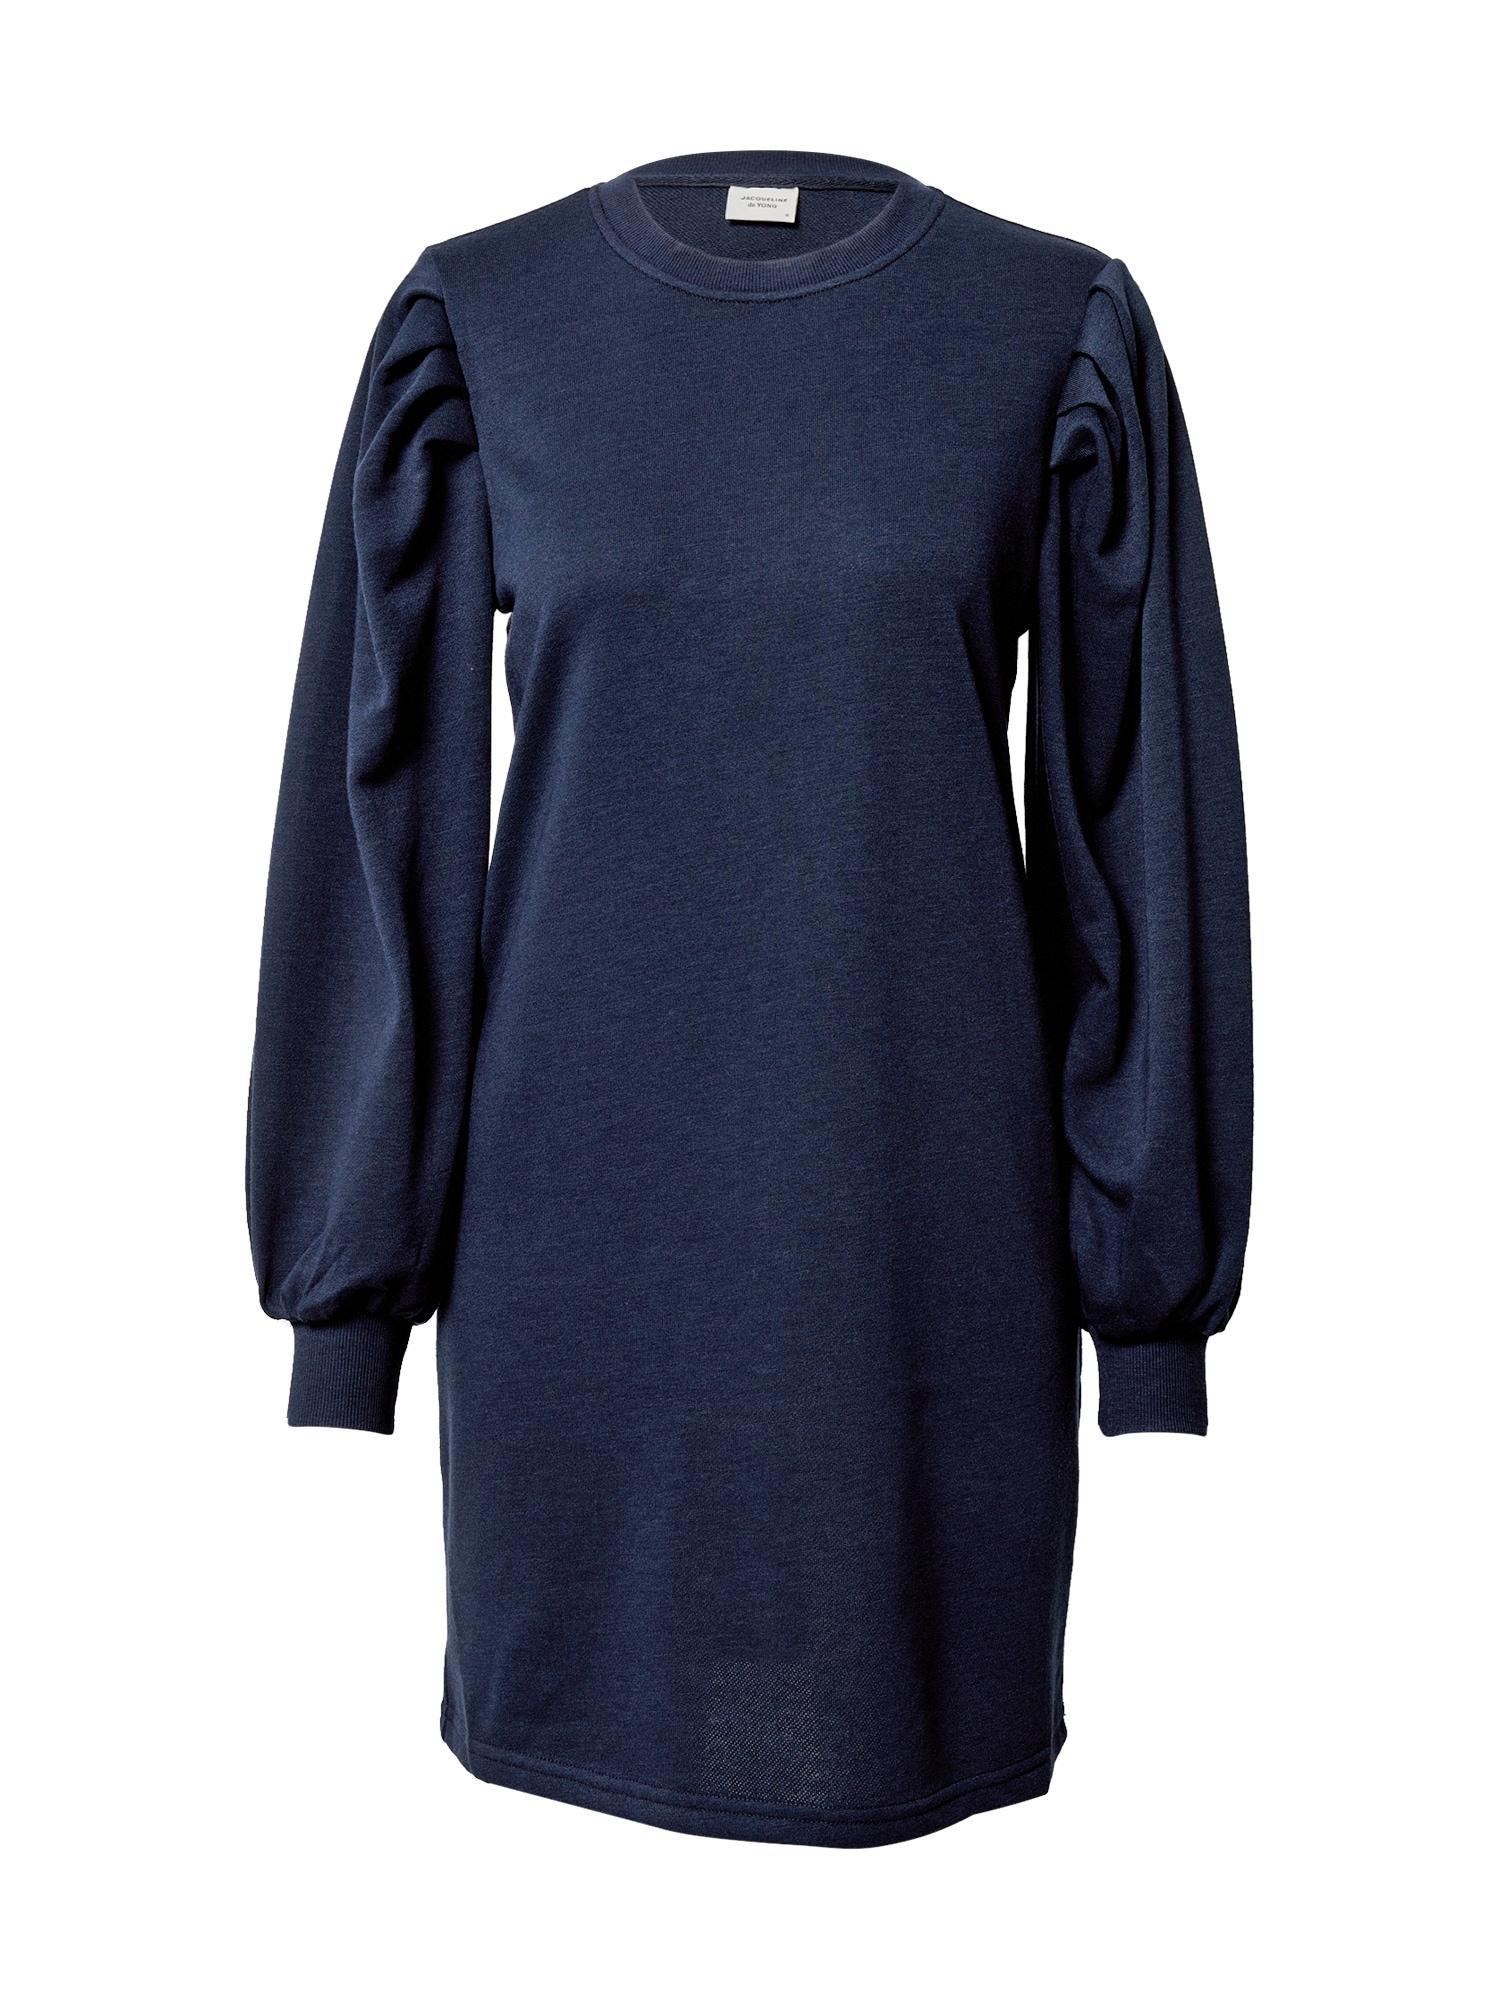 JACQUELINE de YONG Šaty 'Mathilde'  námořnická modř